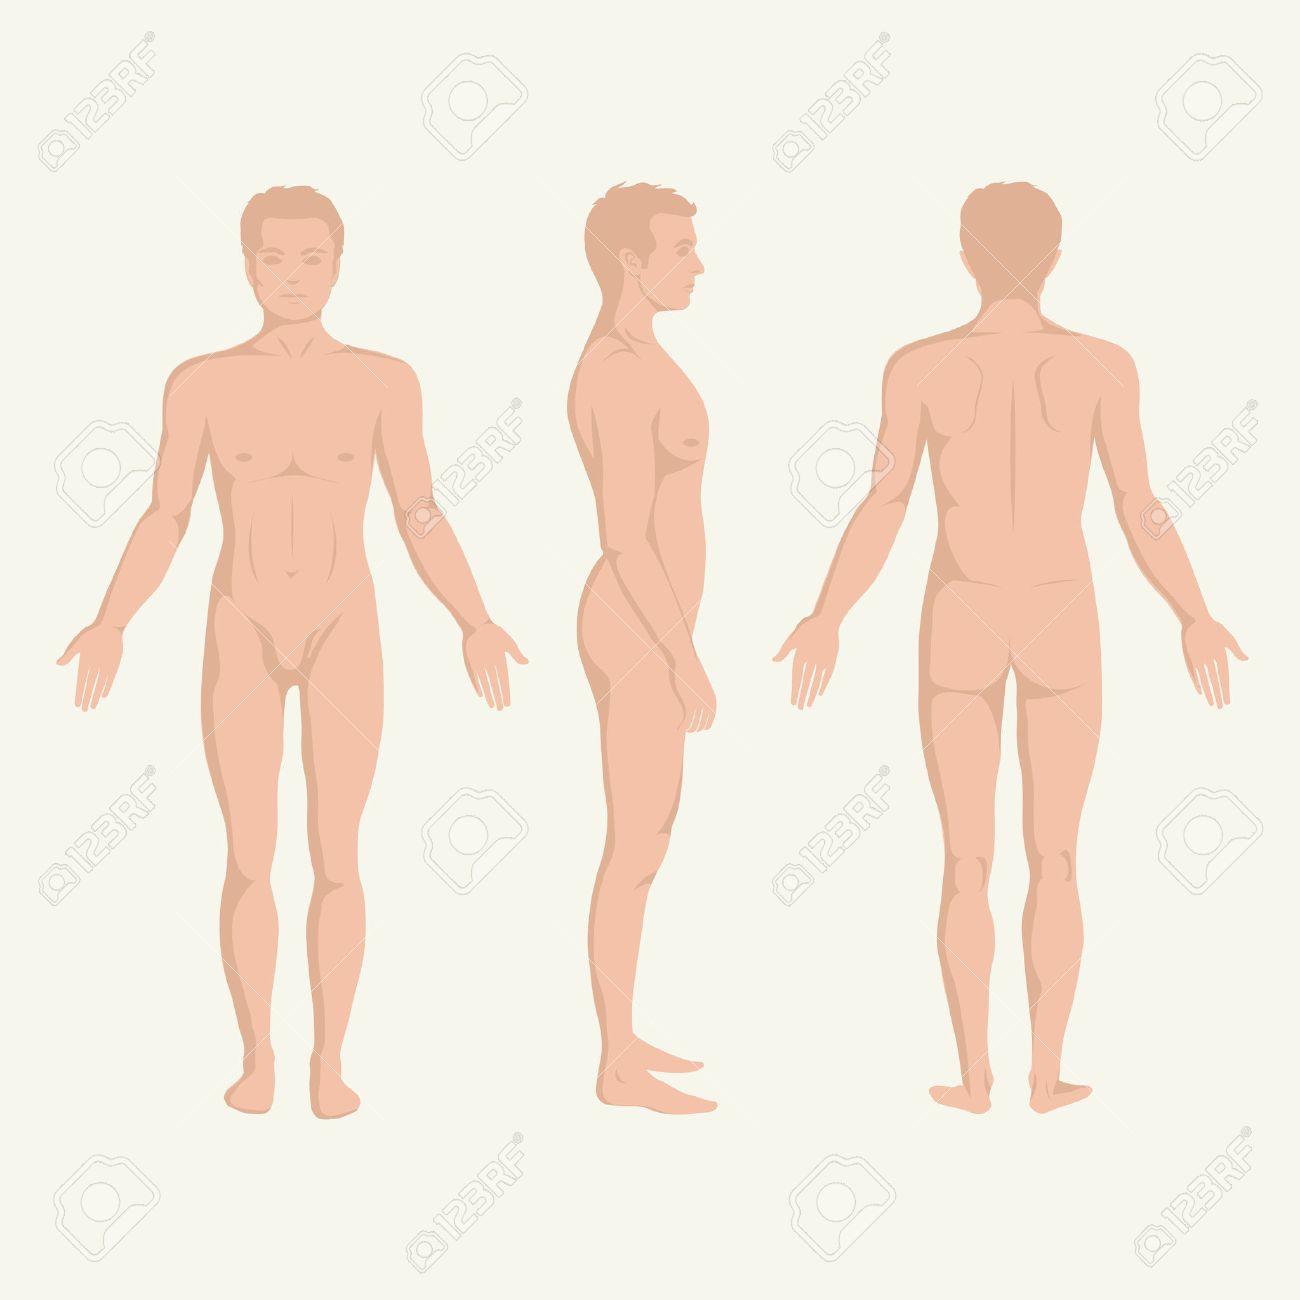 Anatomía Del Hombre Del Cuerpo, Frontal, Posterior Y Lateral De Pie ...